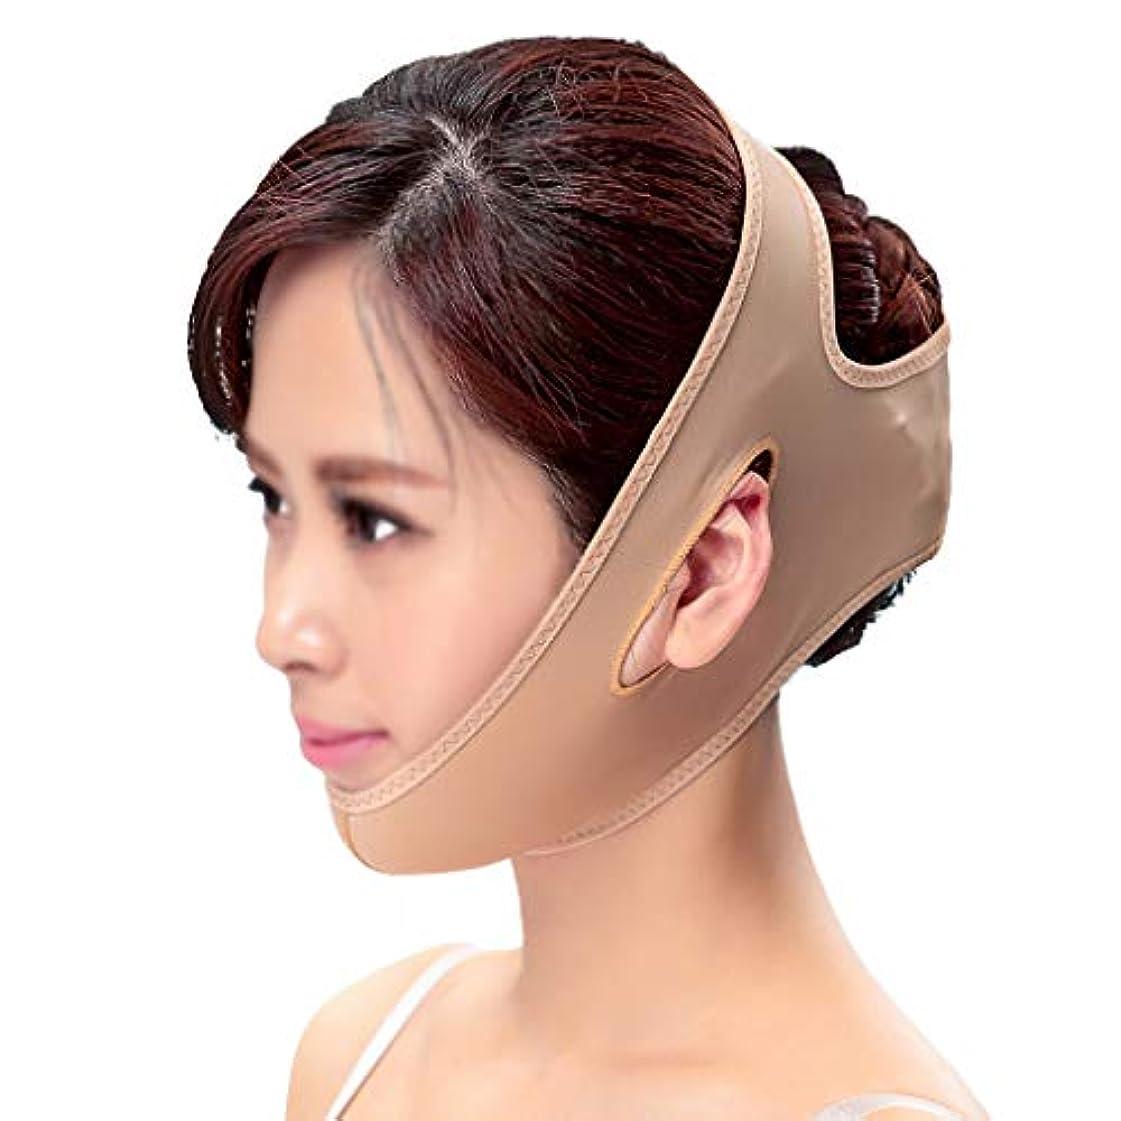 ライバル快い多様体GLJJQMY 減量ベルトマスクフェイスマスク型フェイスリフティングアーチファクトマッスルマッスルダブルチン皮膚移植瘢痕過形成Vライン付き弾性スリーブ 顔用整形マスク (Size : L)